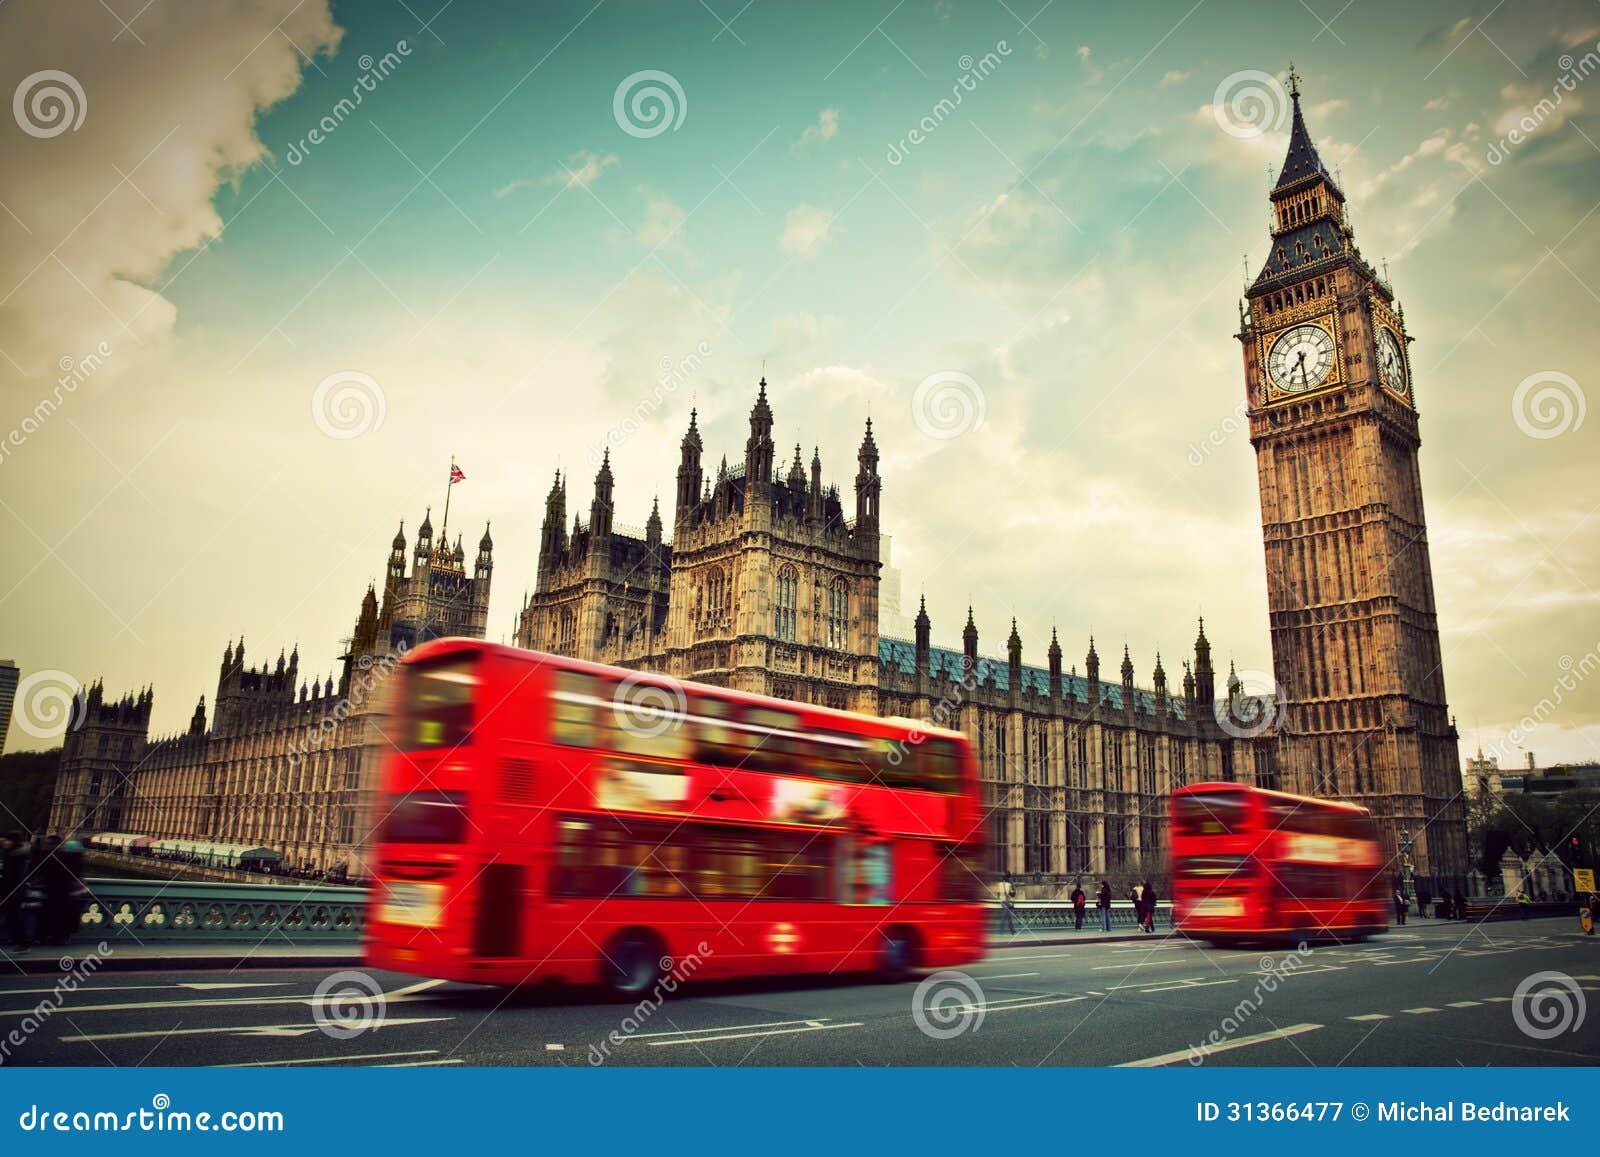 London, Großbritannien. Roter Bus und Big Ben